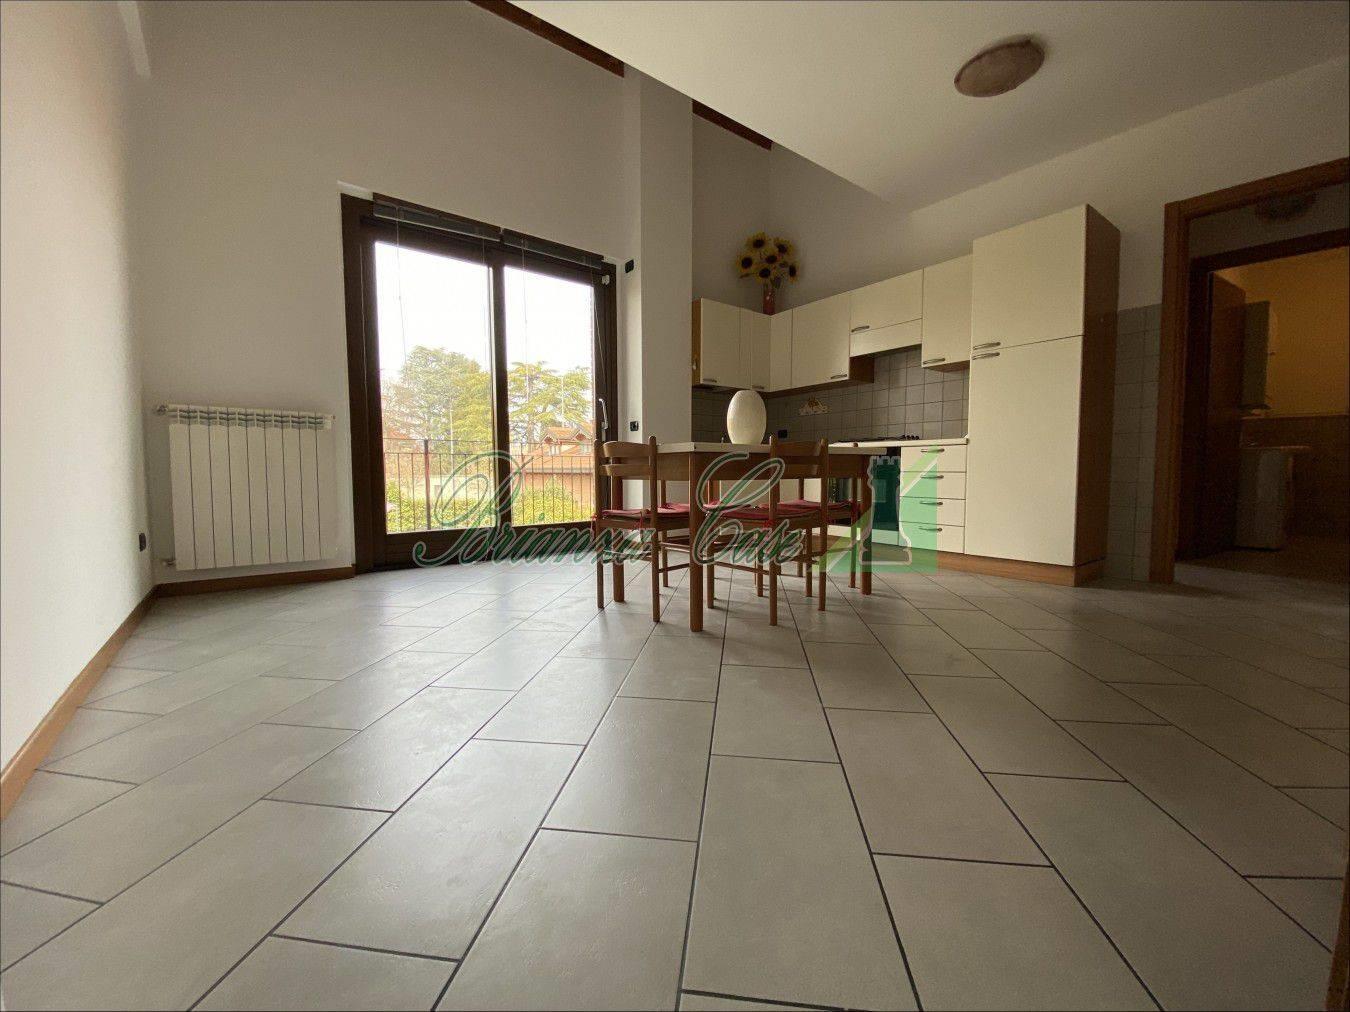 Foto 2 - Appartamento in Vendita - Arcore (Monza e Brianza)